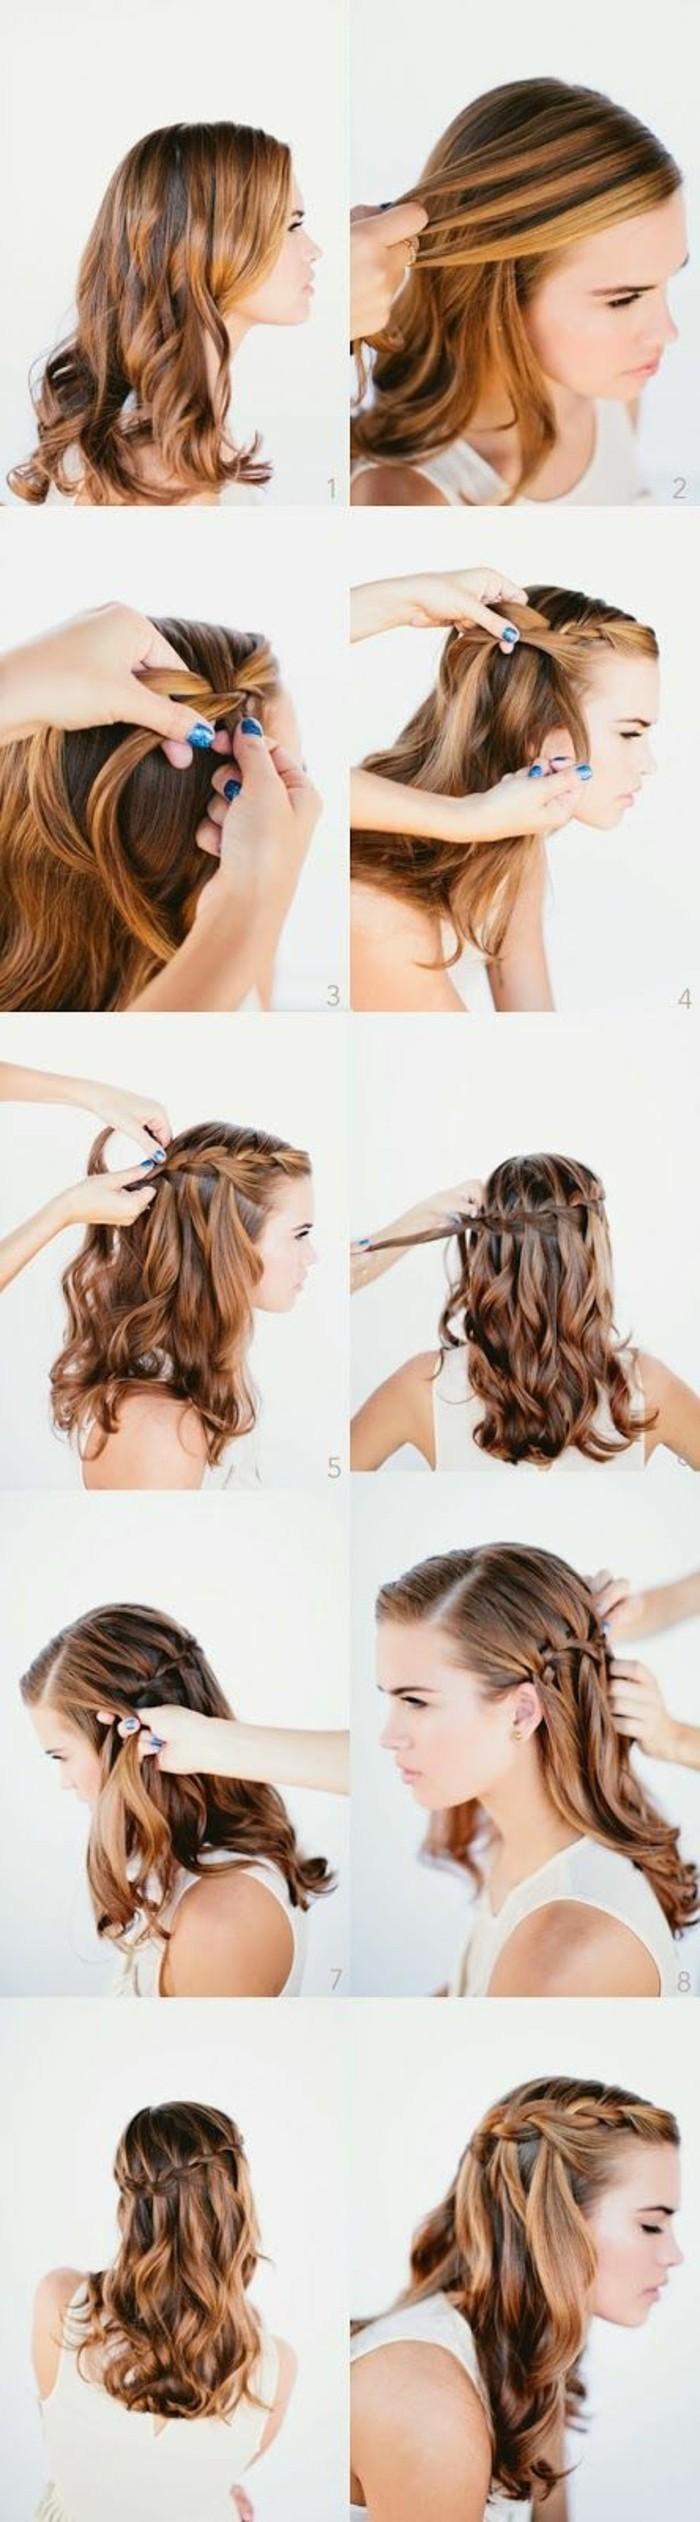 tuto tresse en cascade à faire soi meme étape par étape, coiffure facile cheveux mi long, femme aux mèches blond foncé sur cheveux chatain